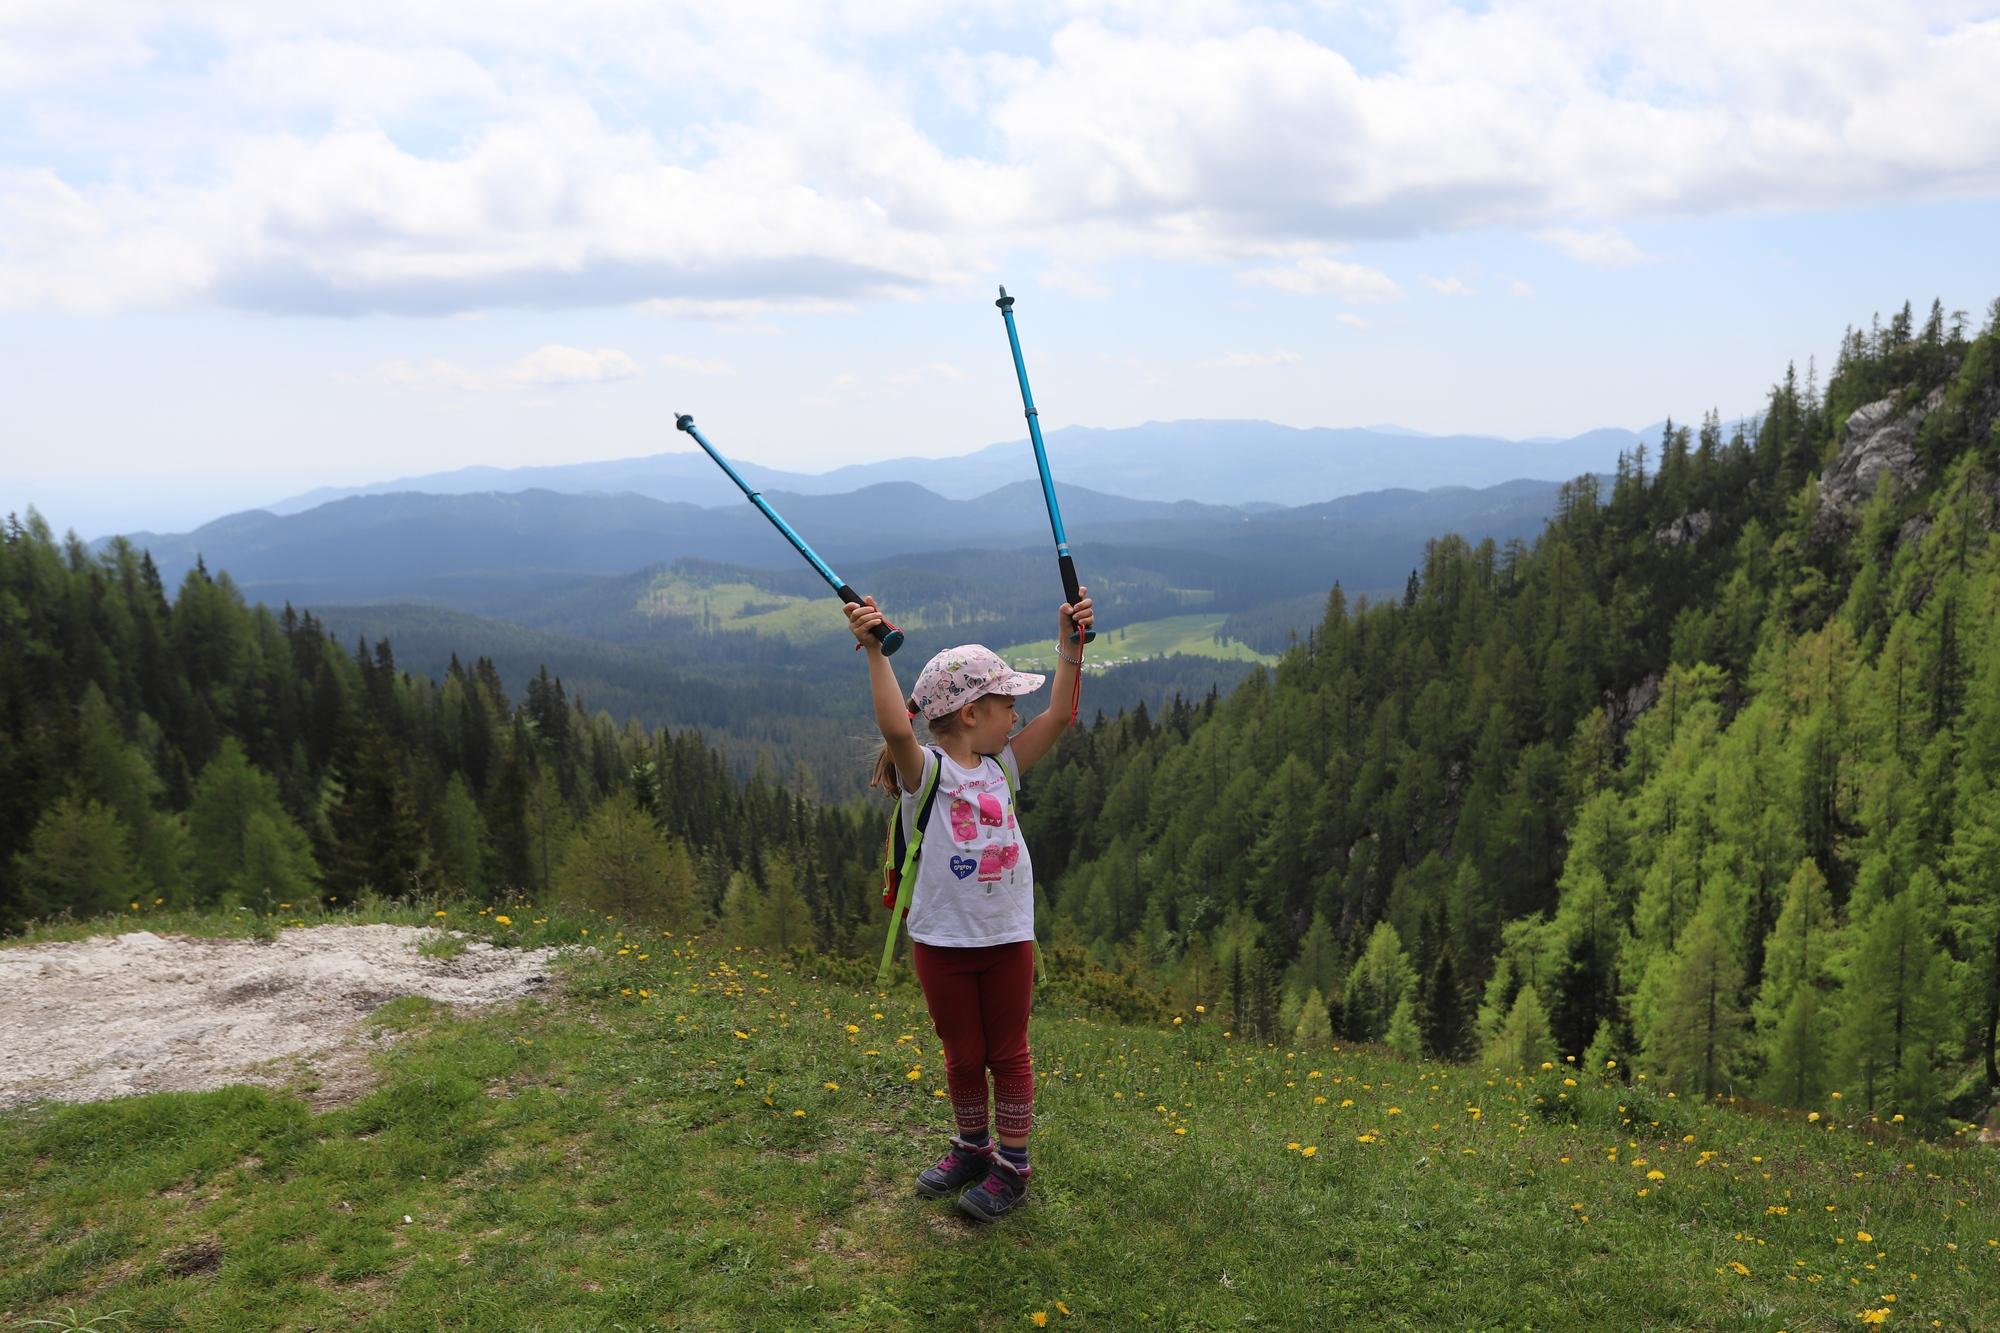 Ako planinarite, decu će posebno motivisati osećaj slobode, prostranstvo, raznolikost predela i na kraju ponos zbog osvojenog vrha.